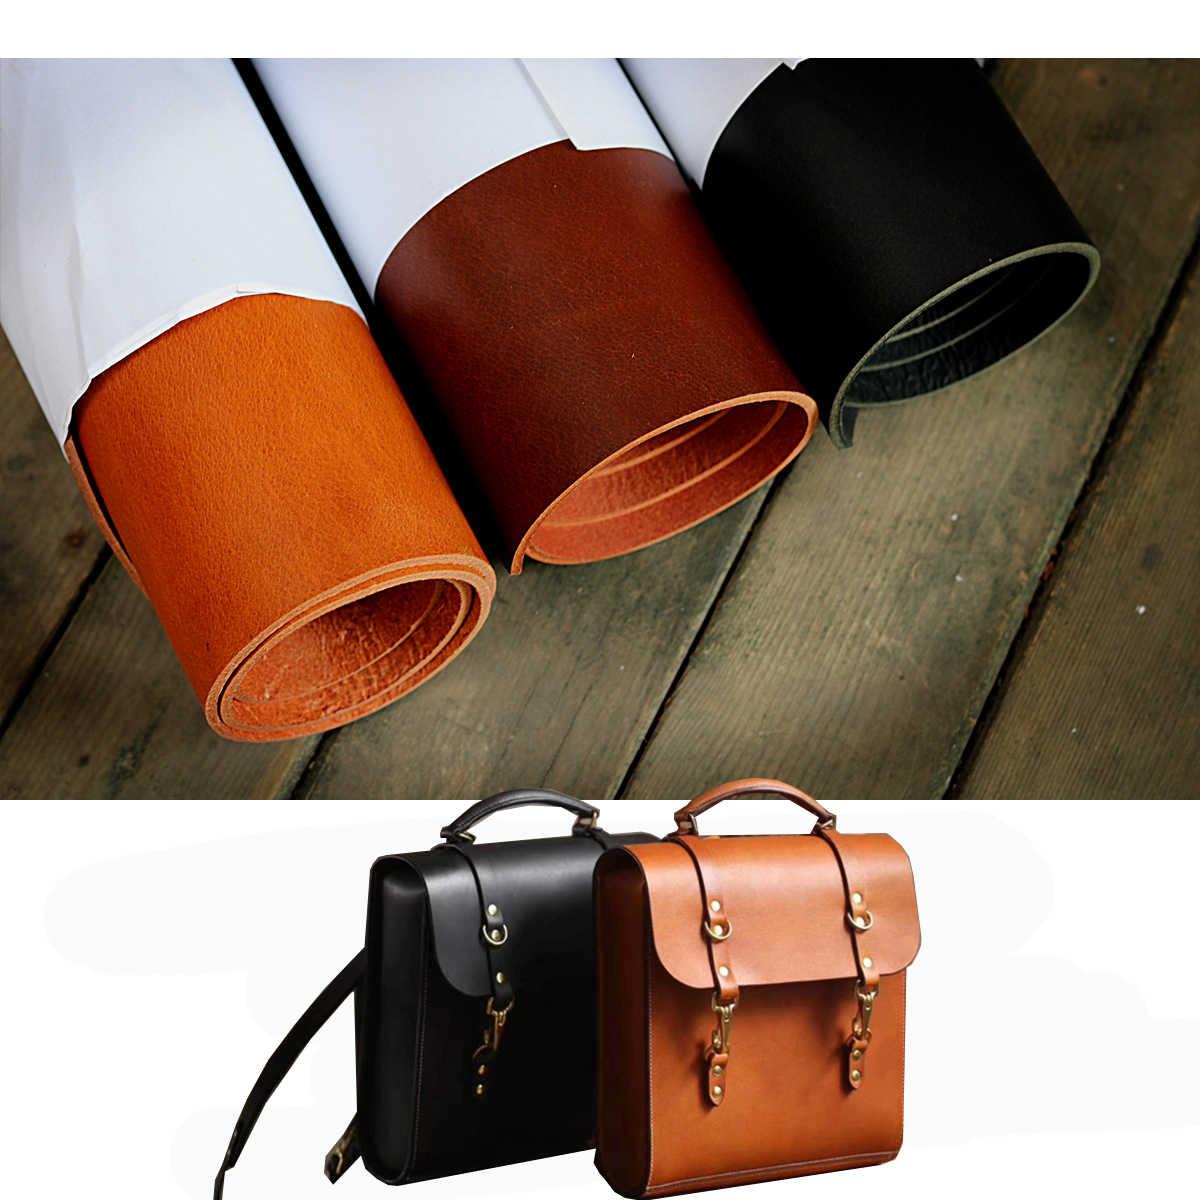 3,5-4,0mm primera capa de cuero de vaca de búfalo aceite cera piel vegetal curtido cuero hecho a mano cinturón de cuero, bolso de las mujeres, zapatos DIY